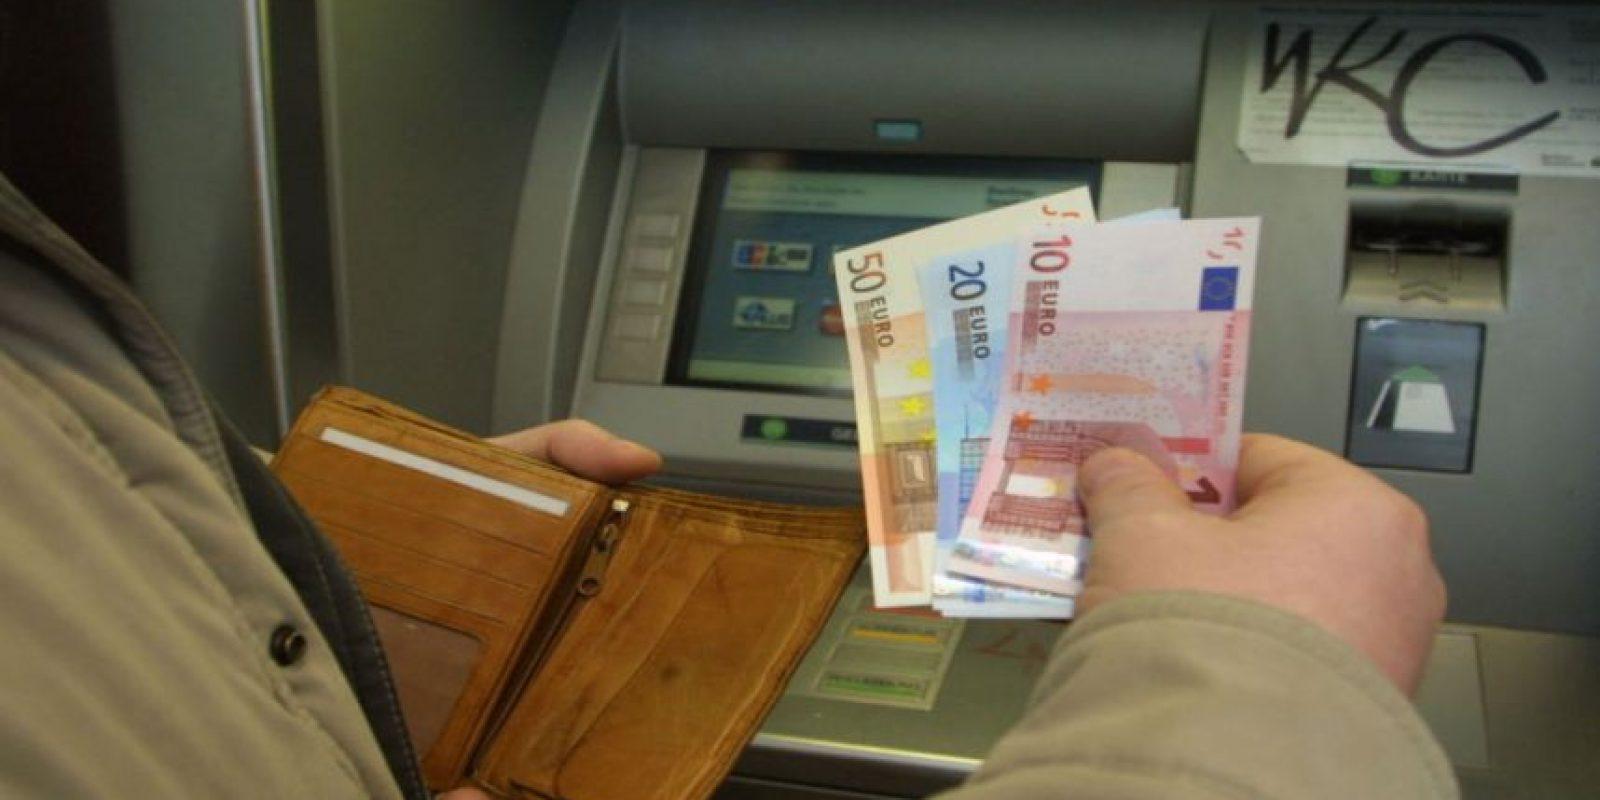 Al sacar dinero del cajero nos vemos expuestos a robos. Foto:Getty Images